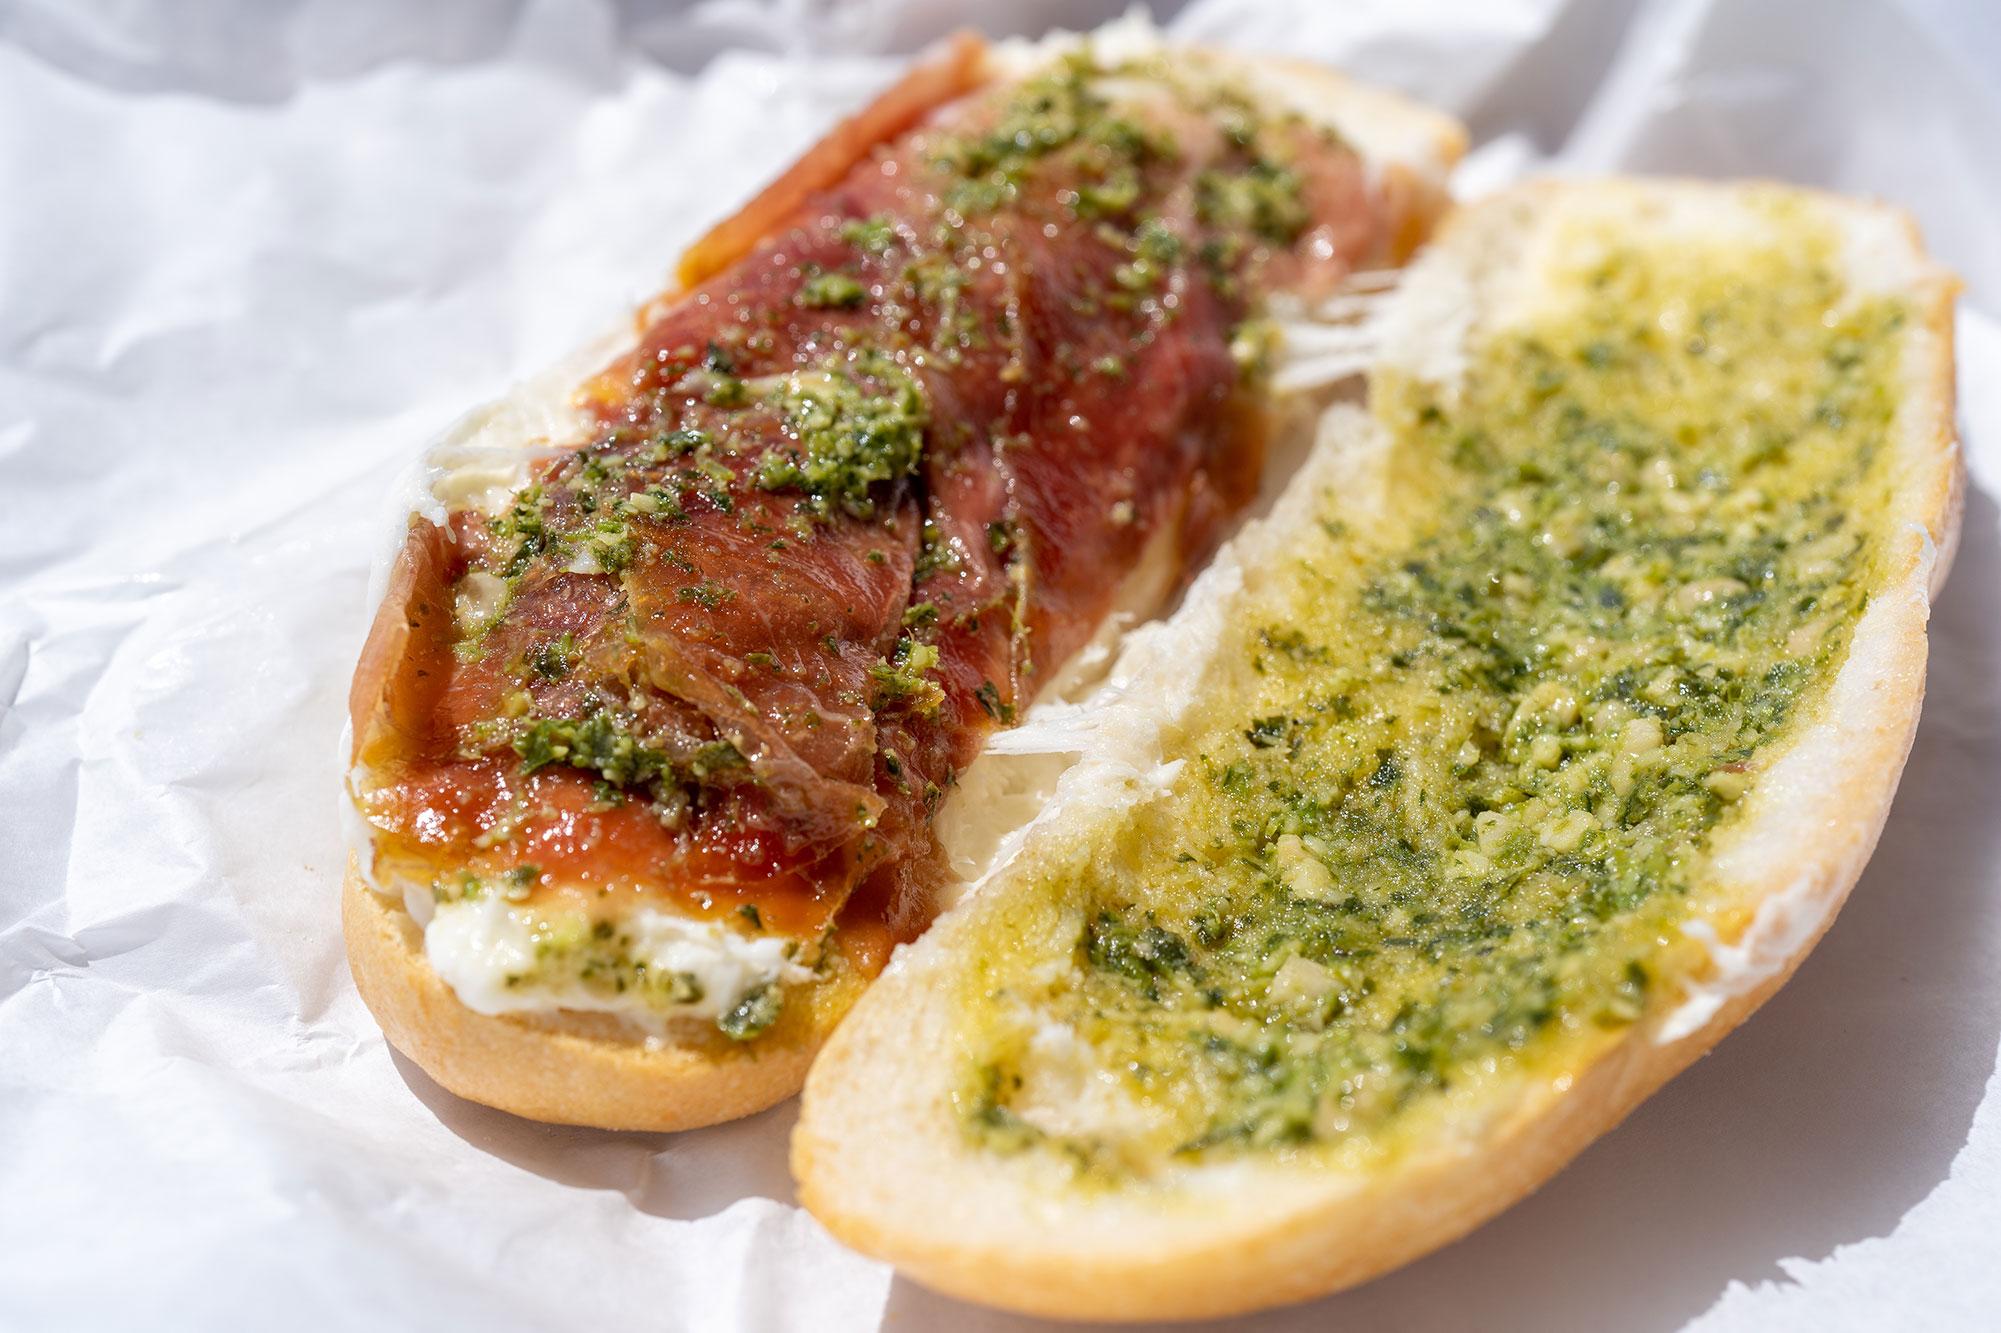 Il Toscano: Prosciutto Toscano, burrata, imported pesto, mini baguette